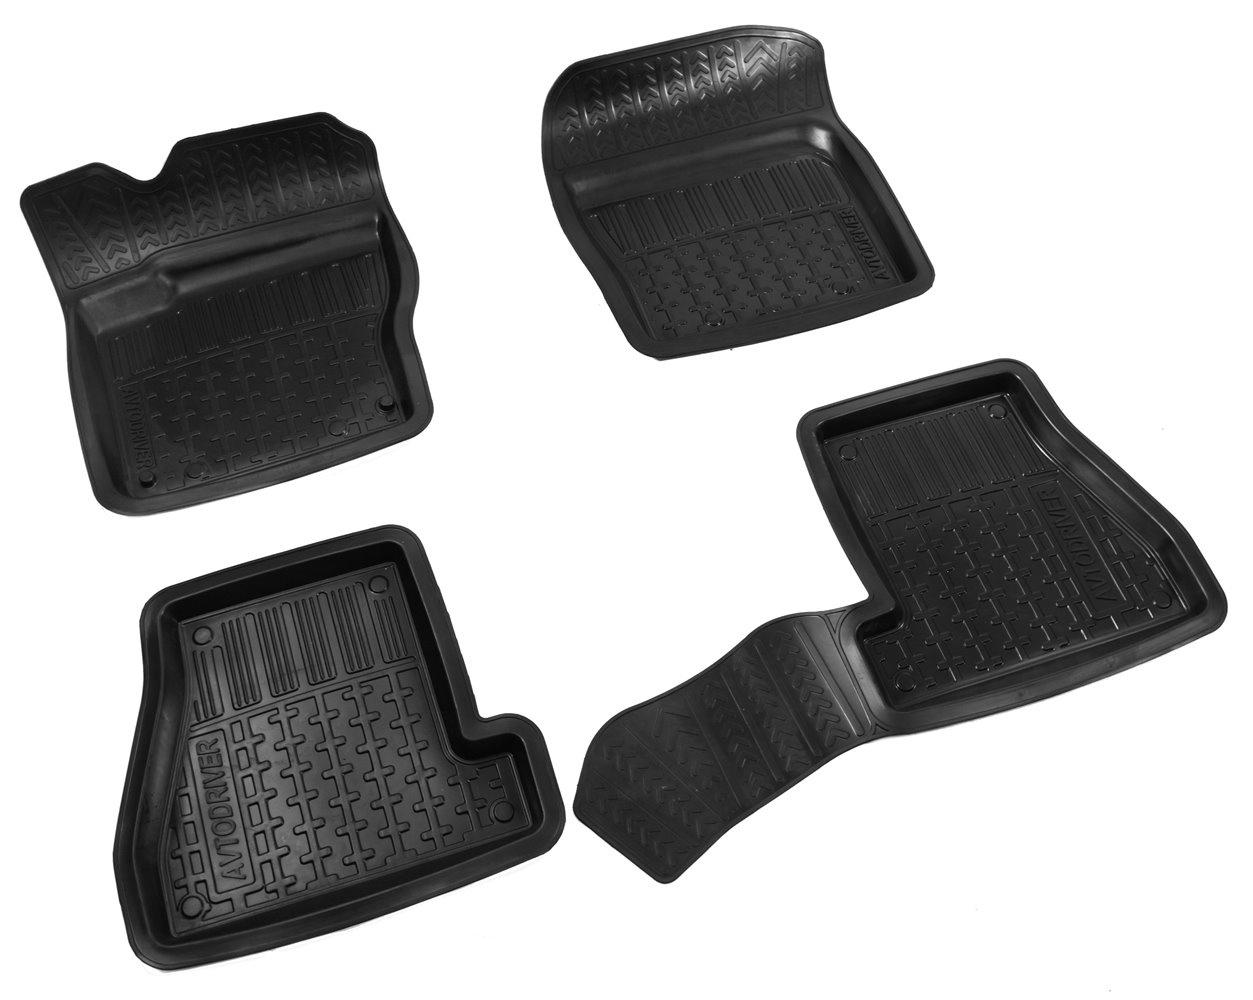 Коврики в салон автомобиля Avtodriver, для Ford Focus III, 2011-, ADRPRO018, резиновые, с бортиком, черный carsys android ford focus iii 2012 7